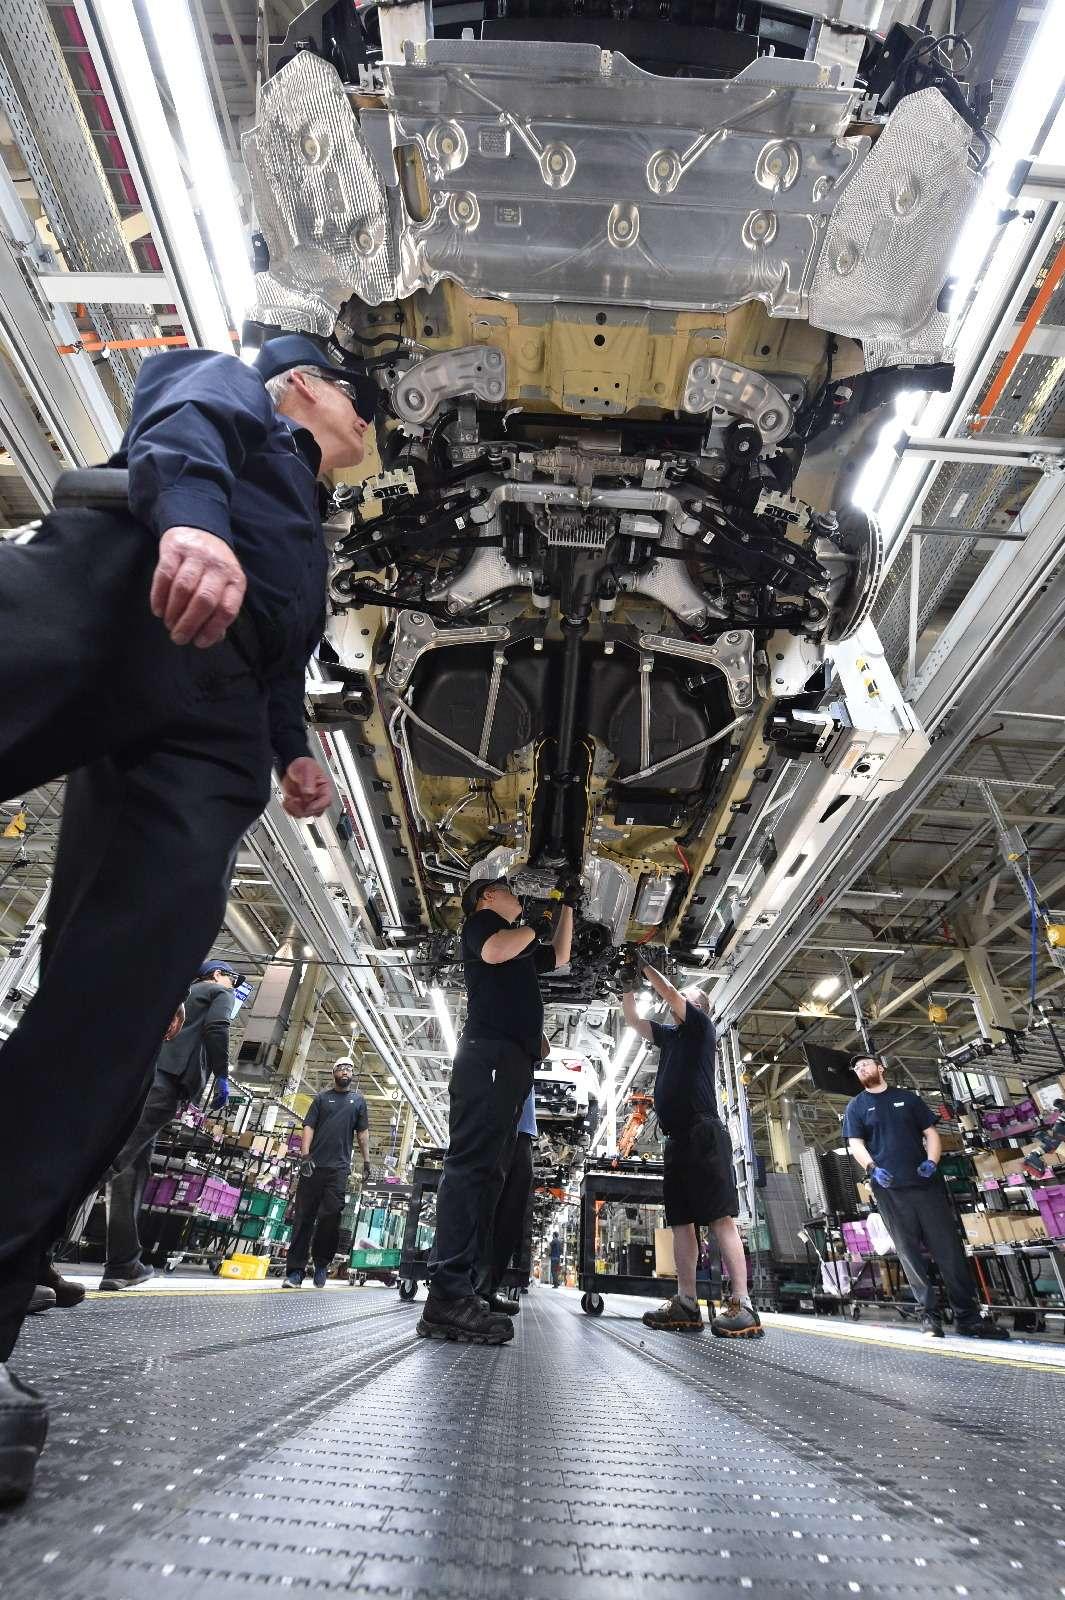 BMWX7встал наконвейер (нокупить его пока нельзя)— фото 828439